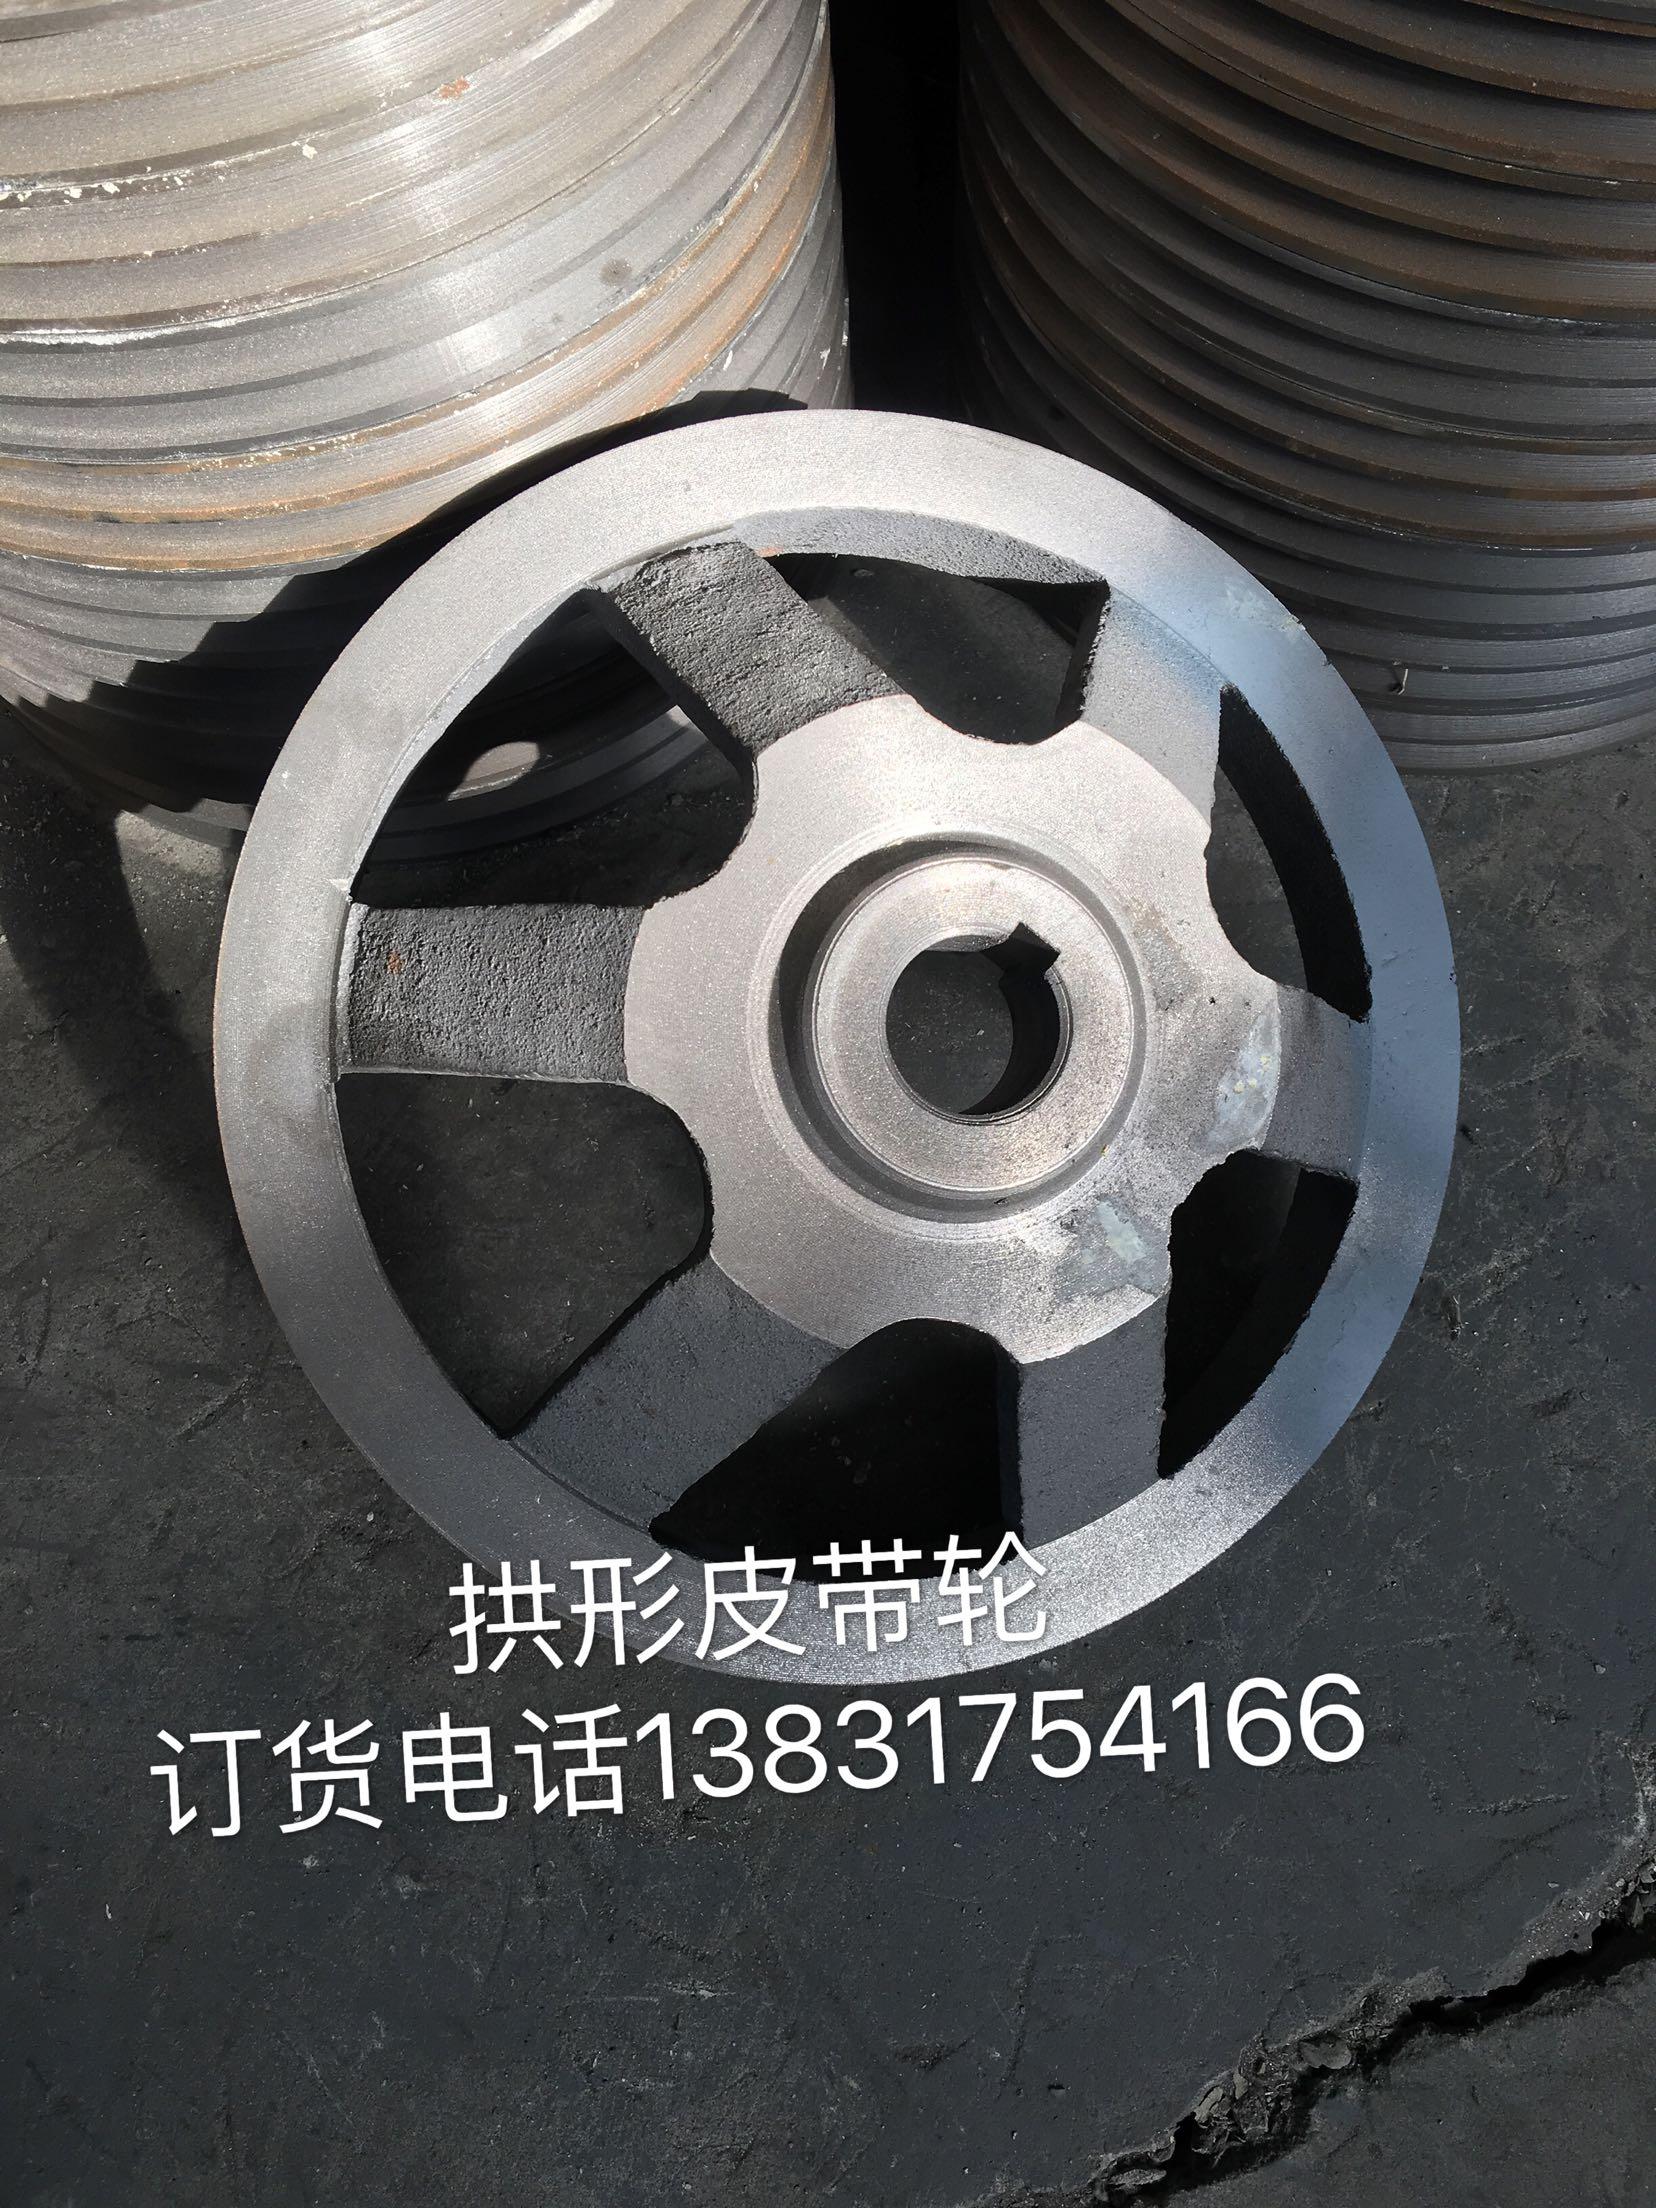 pesu pesta ei tööta, rihmarattad, mille läbimõõt on seadmete puhastamine, 300, 400, 500, a - b - c - tüüpi tank